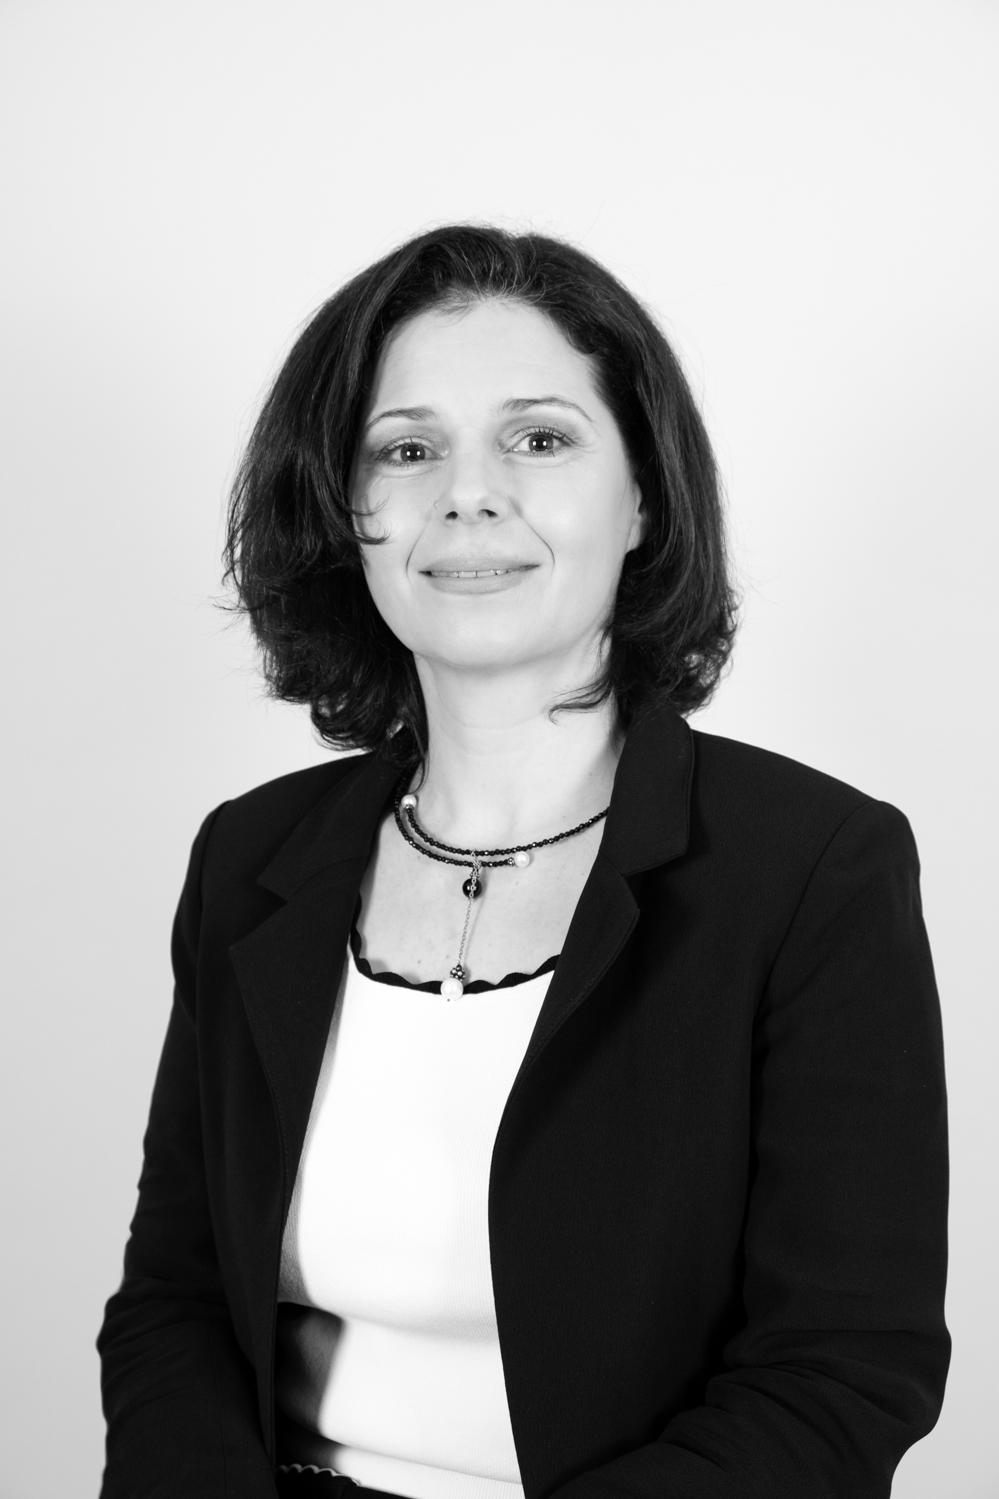 Séverine Valent - Avocat en droit des sociétés à Paris